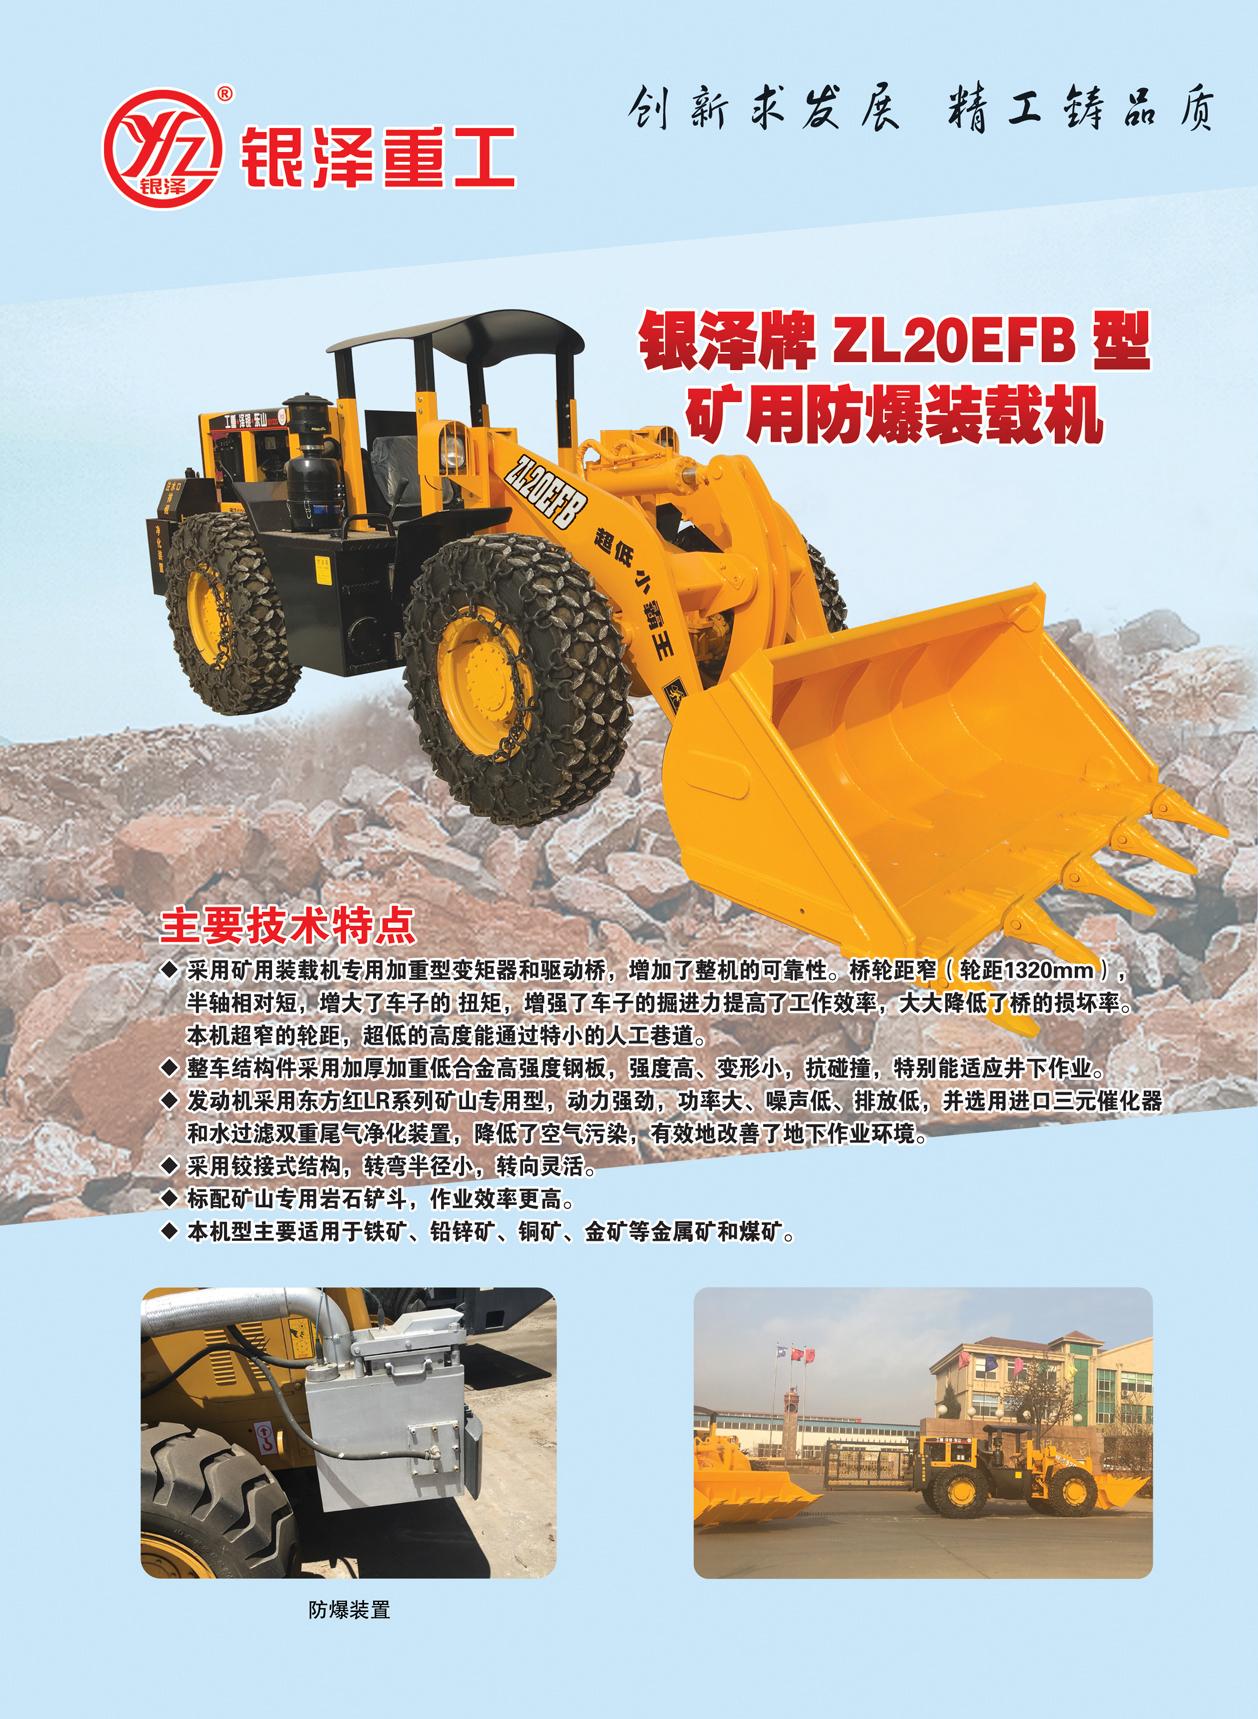 江西ZL20EFB型矿用防爆装载机